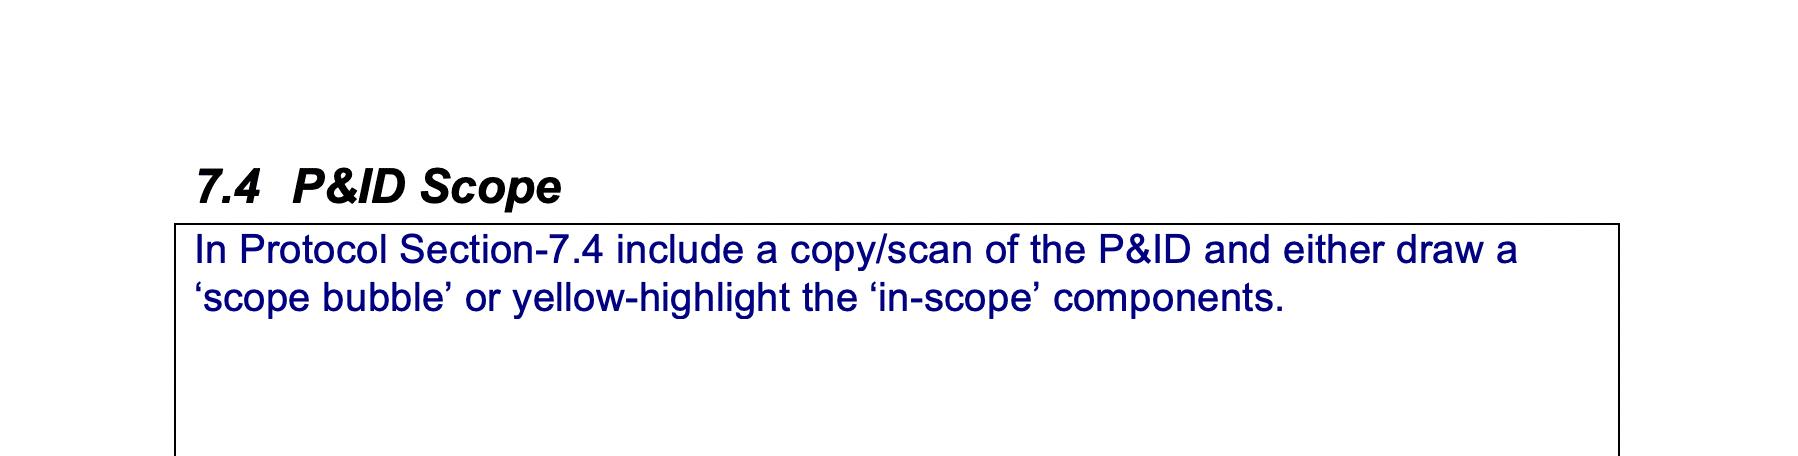 P&ID Scope